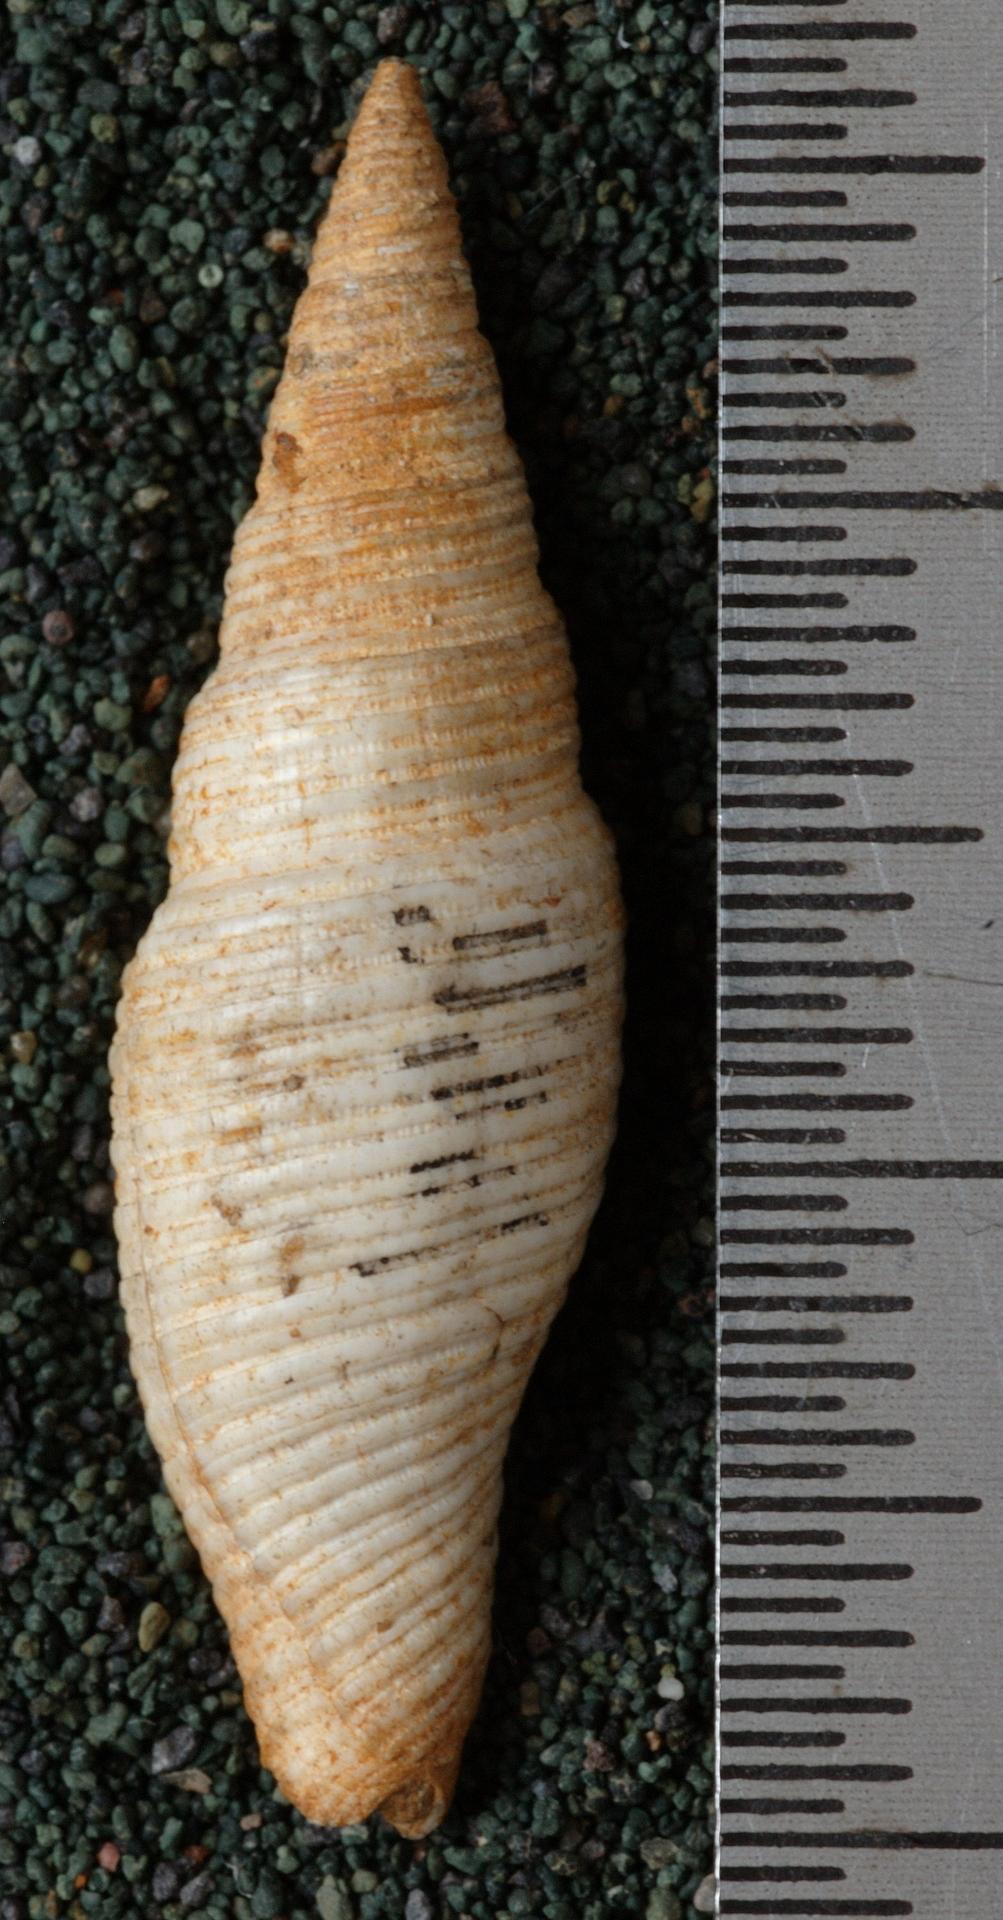 RGM.8903 | Mitra (Cancilla) rembangensis Martin, 1906